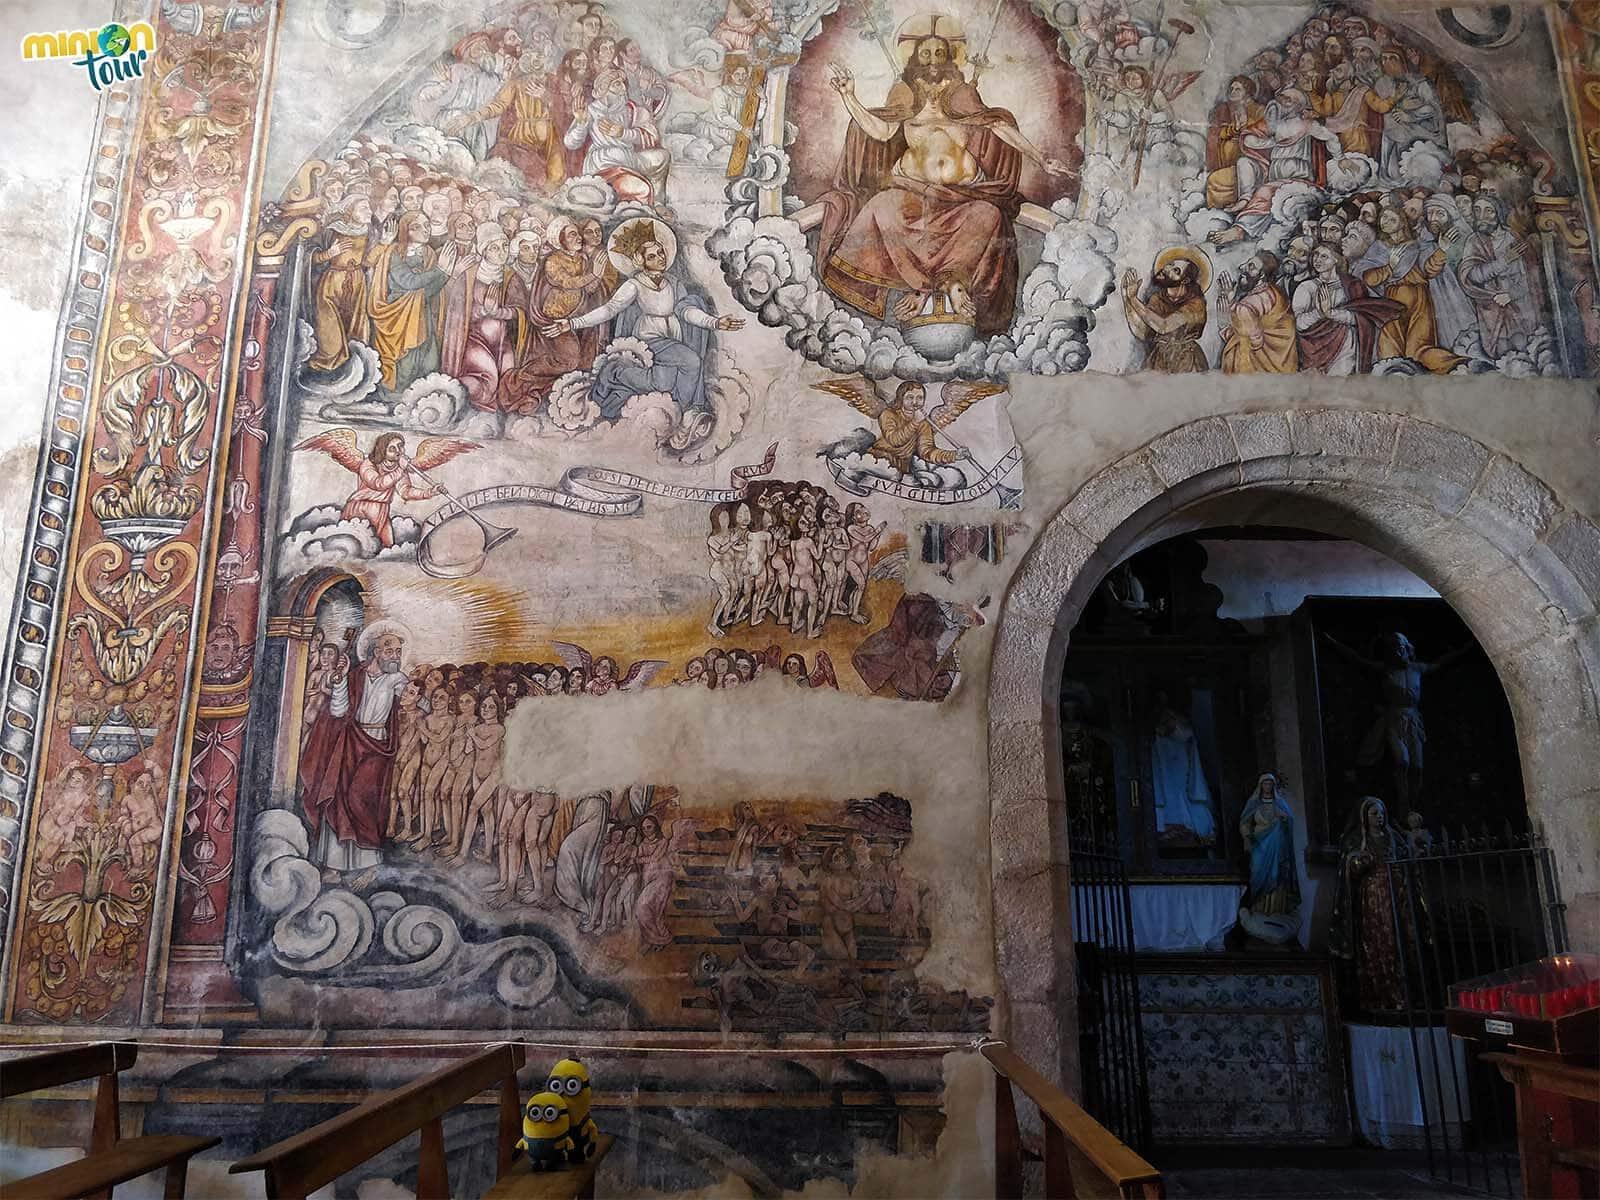 Escena del Juicio final de las pinturas de Santa María de Nogueira